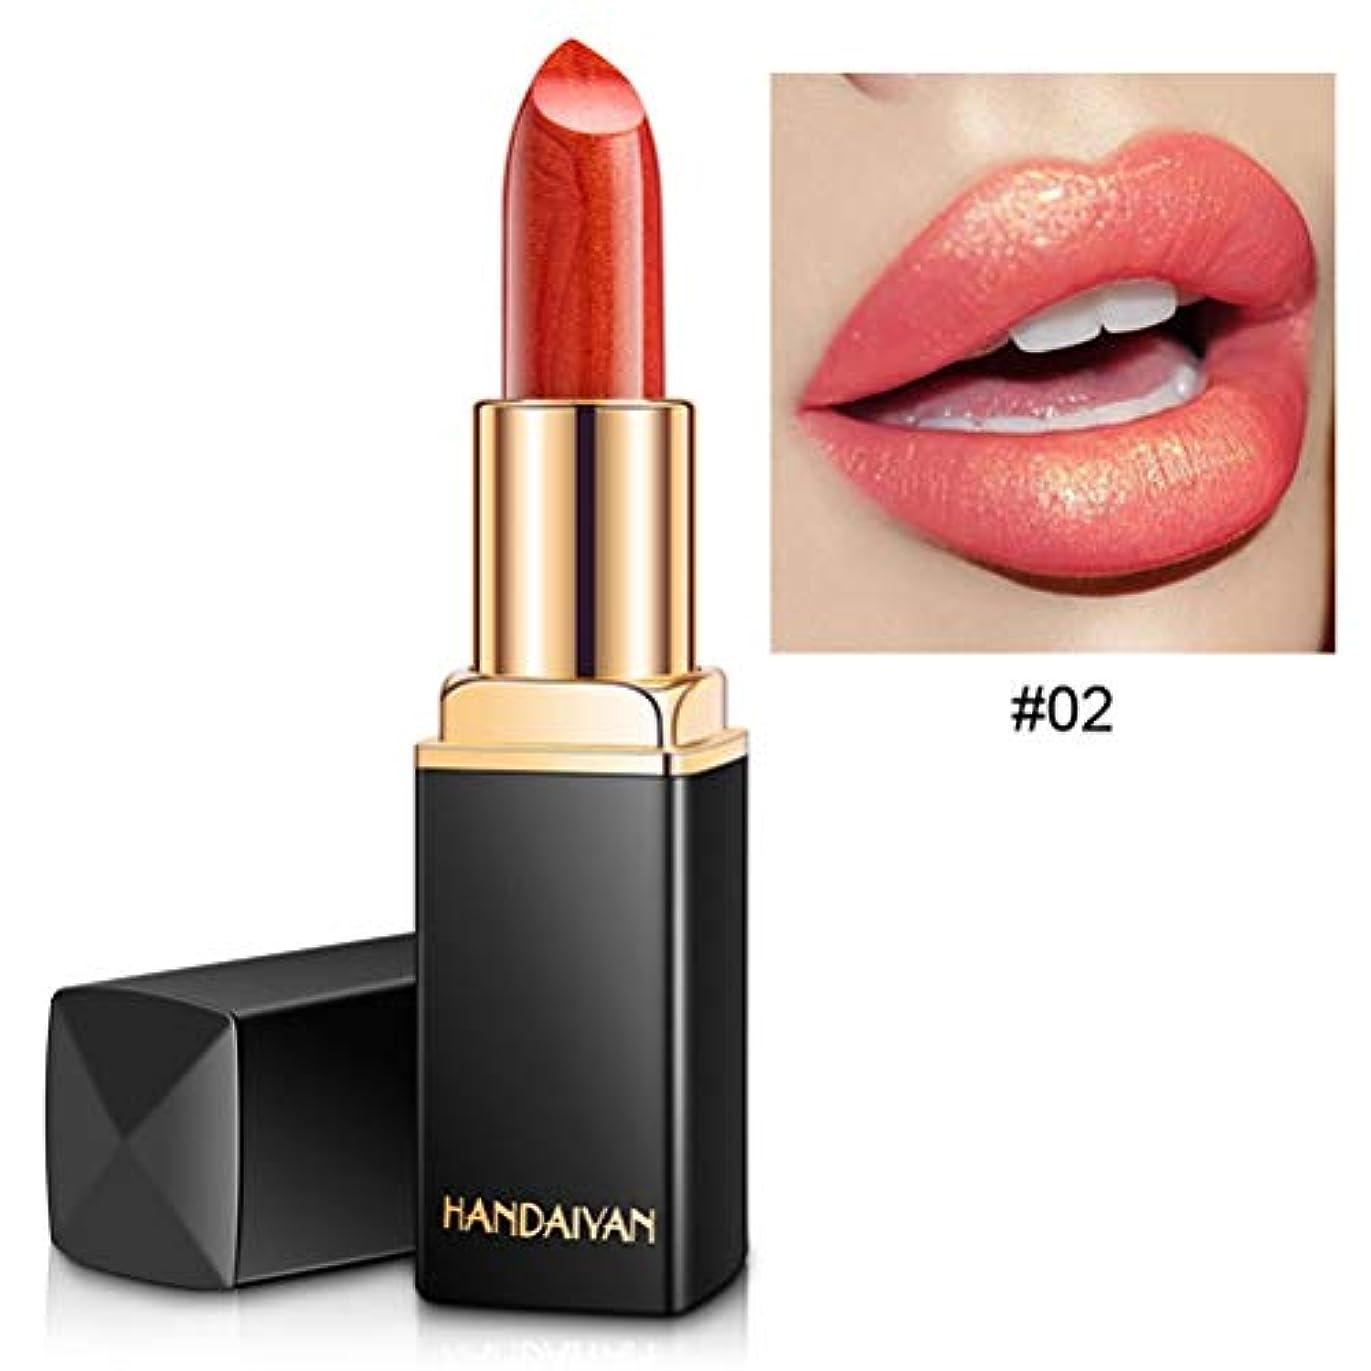 敬の念期待アパートSupbel 口紅 リップスティック ルージュ リップグロス 優れる発色 キラキラ 光沢 自然なツヤ 長持ち 防水 落ちにくい携帯便利 自然立体 クチュール 化粧品 人気 おしゃれ ギフト 贈り物 唇用